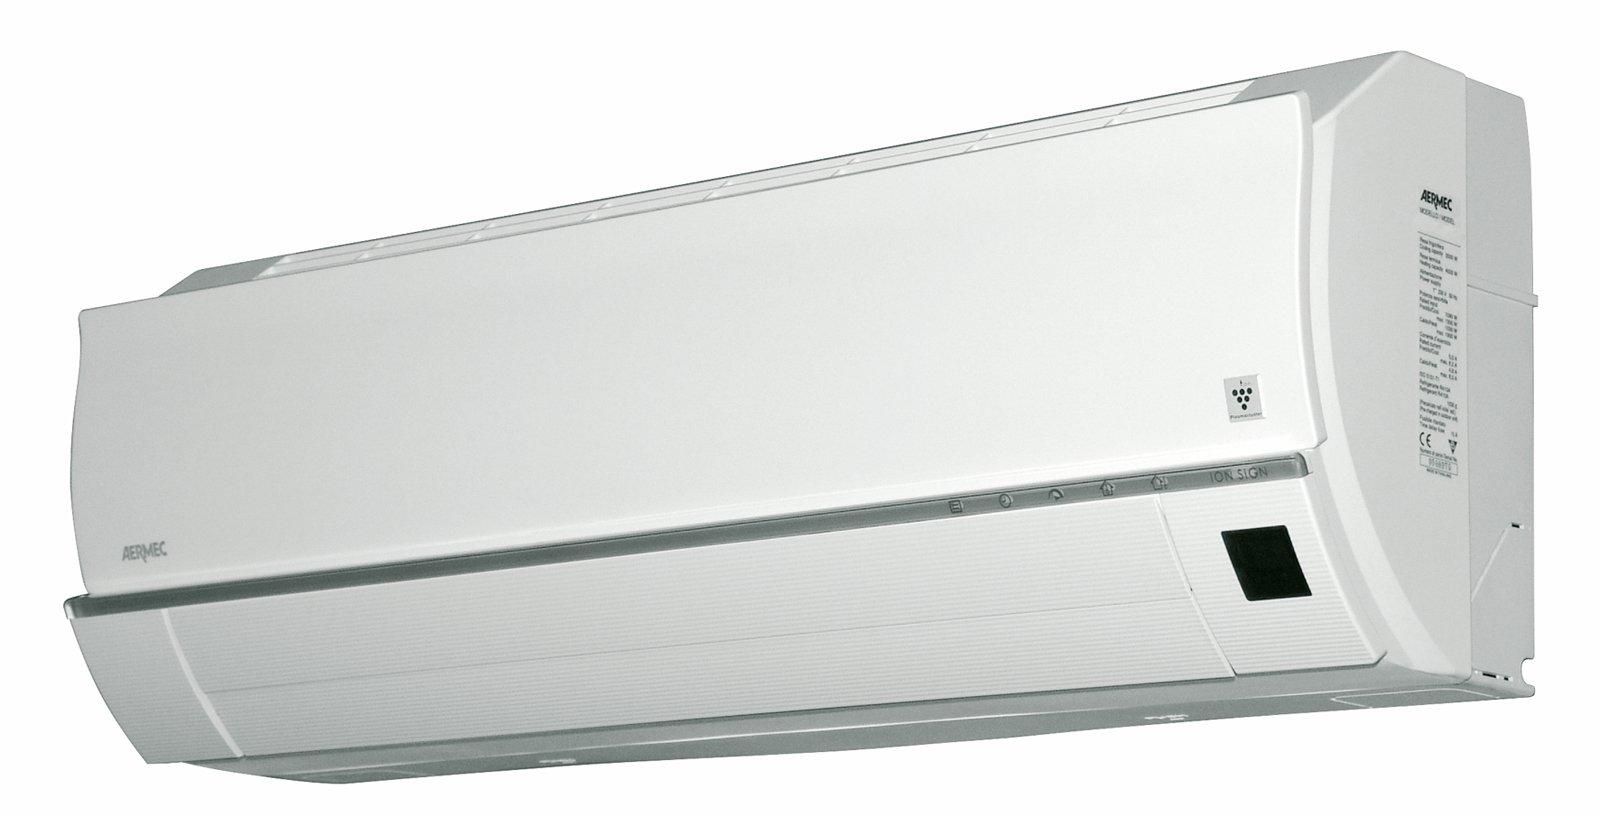 Condizionatori offerte climatizzatori prezzi inverter - Condizionatori inverter senza unita esterna ...